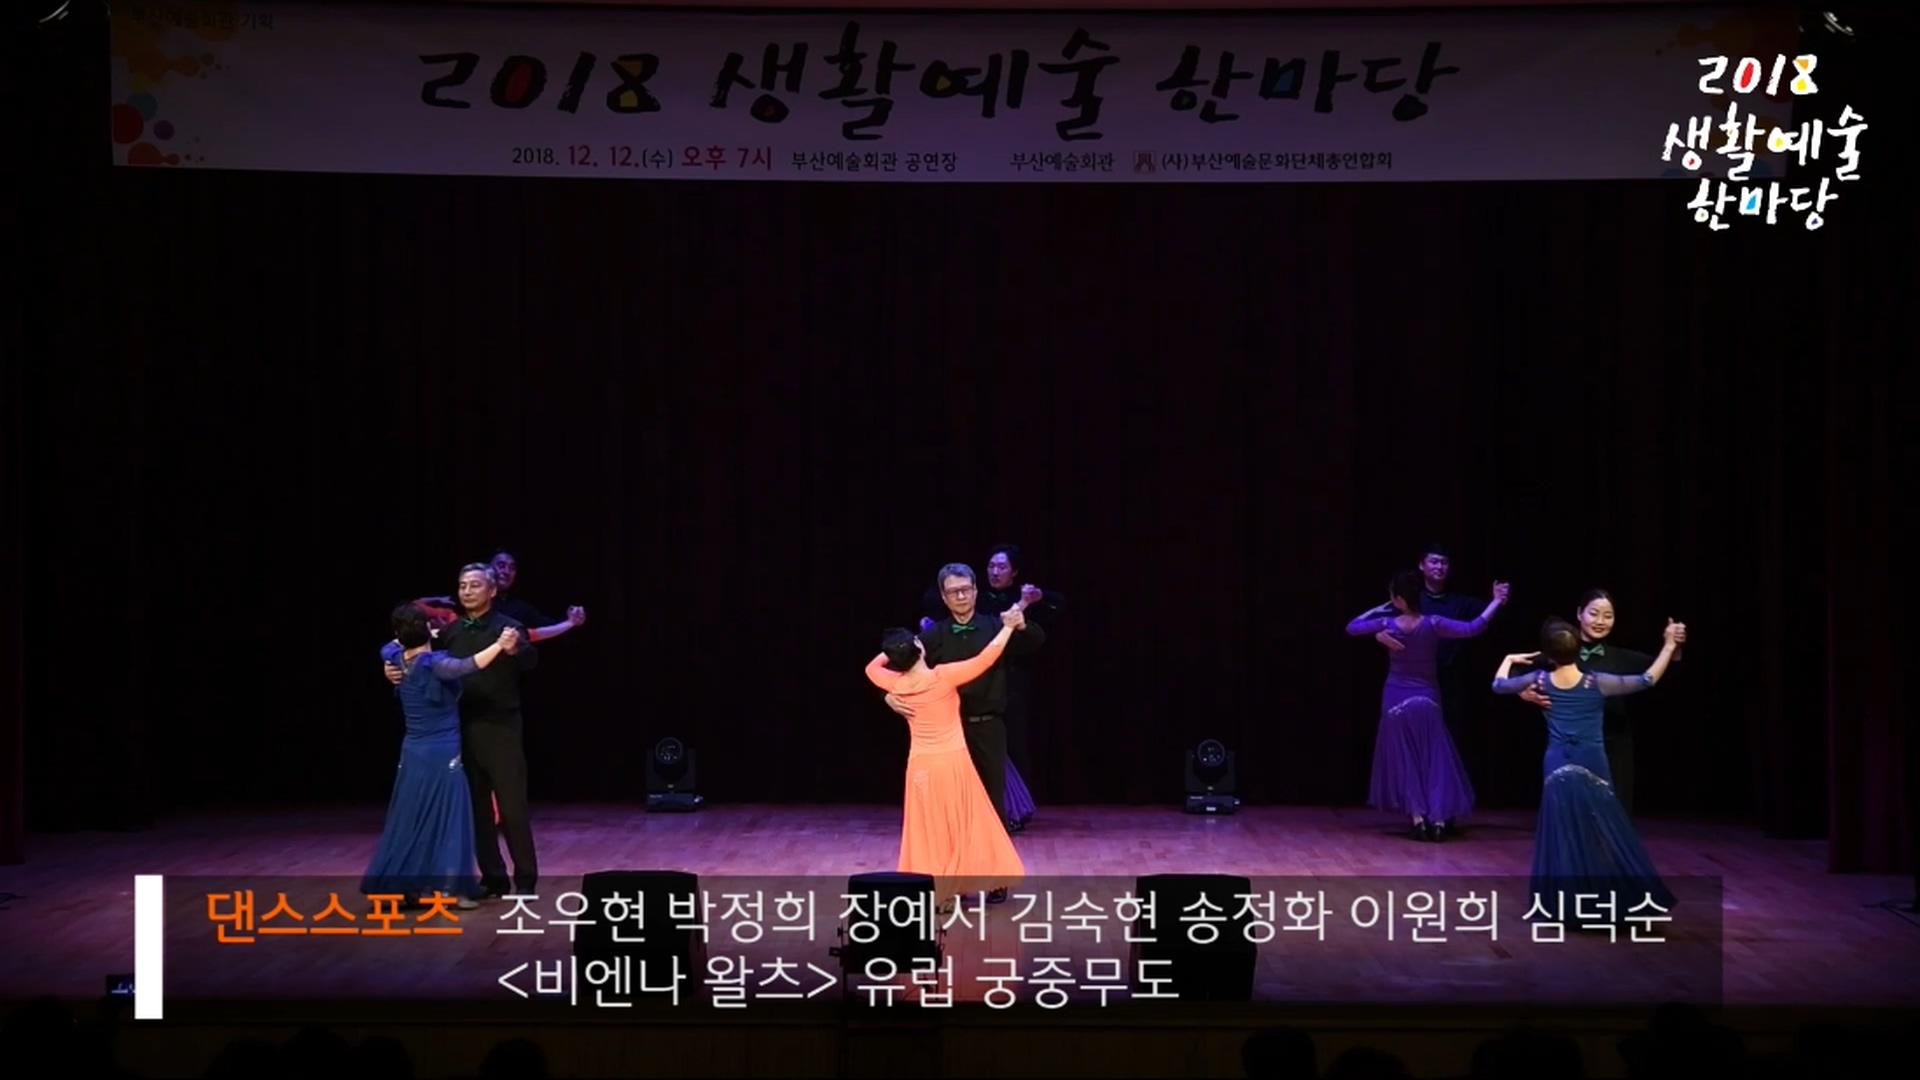 2018 생활예술한마당.mp4_20181218_003518.282.jpg